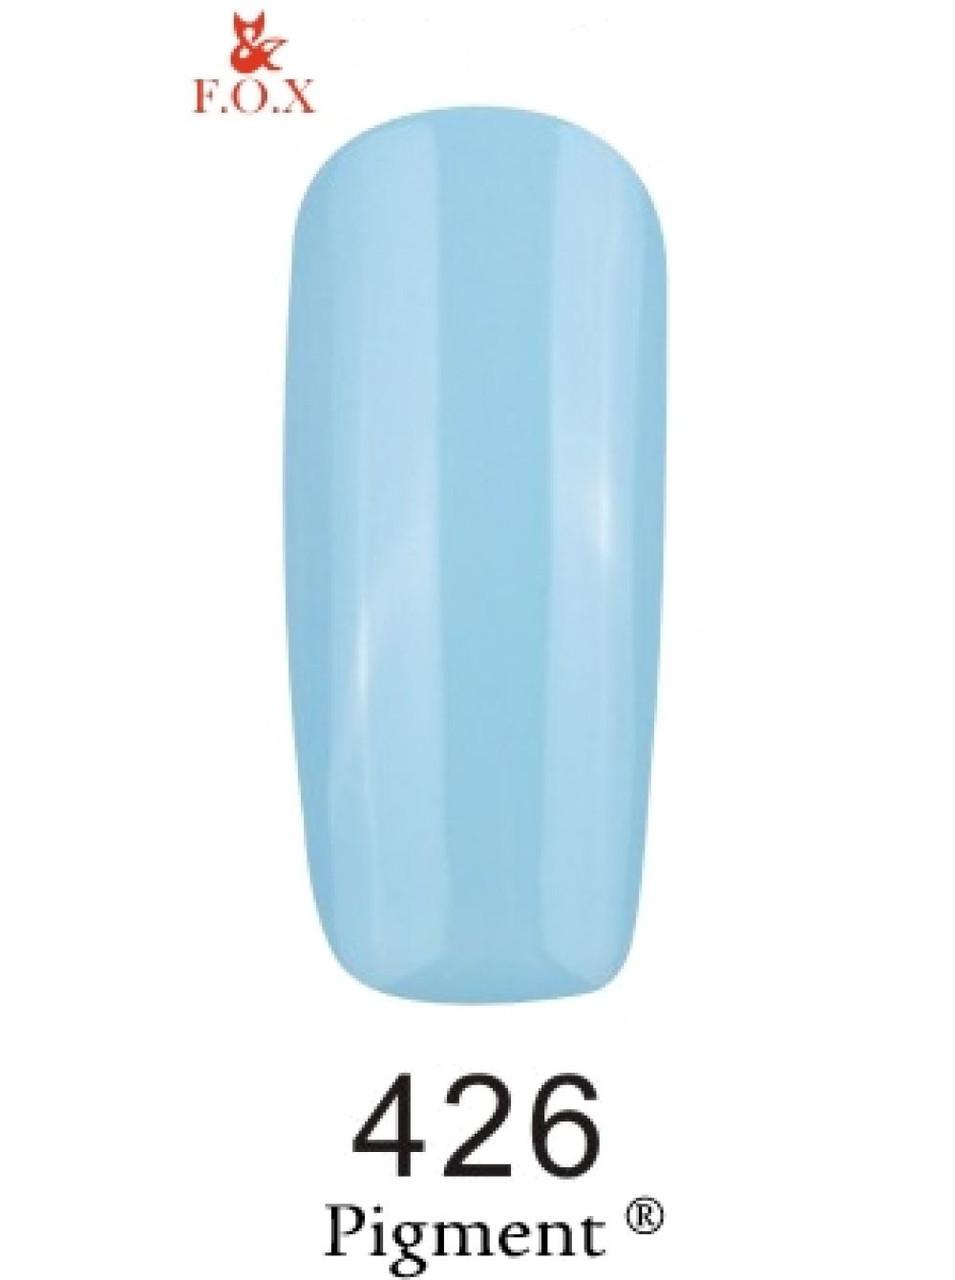 426 F.O.X gel-polish gold Pigment 6 мл